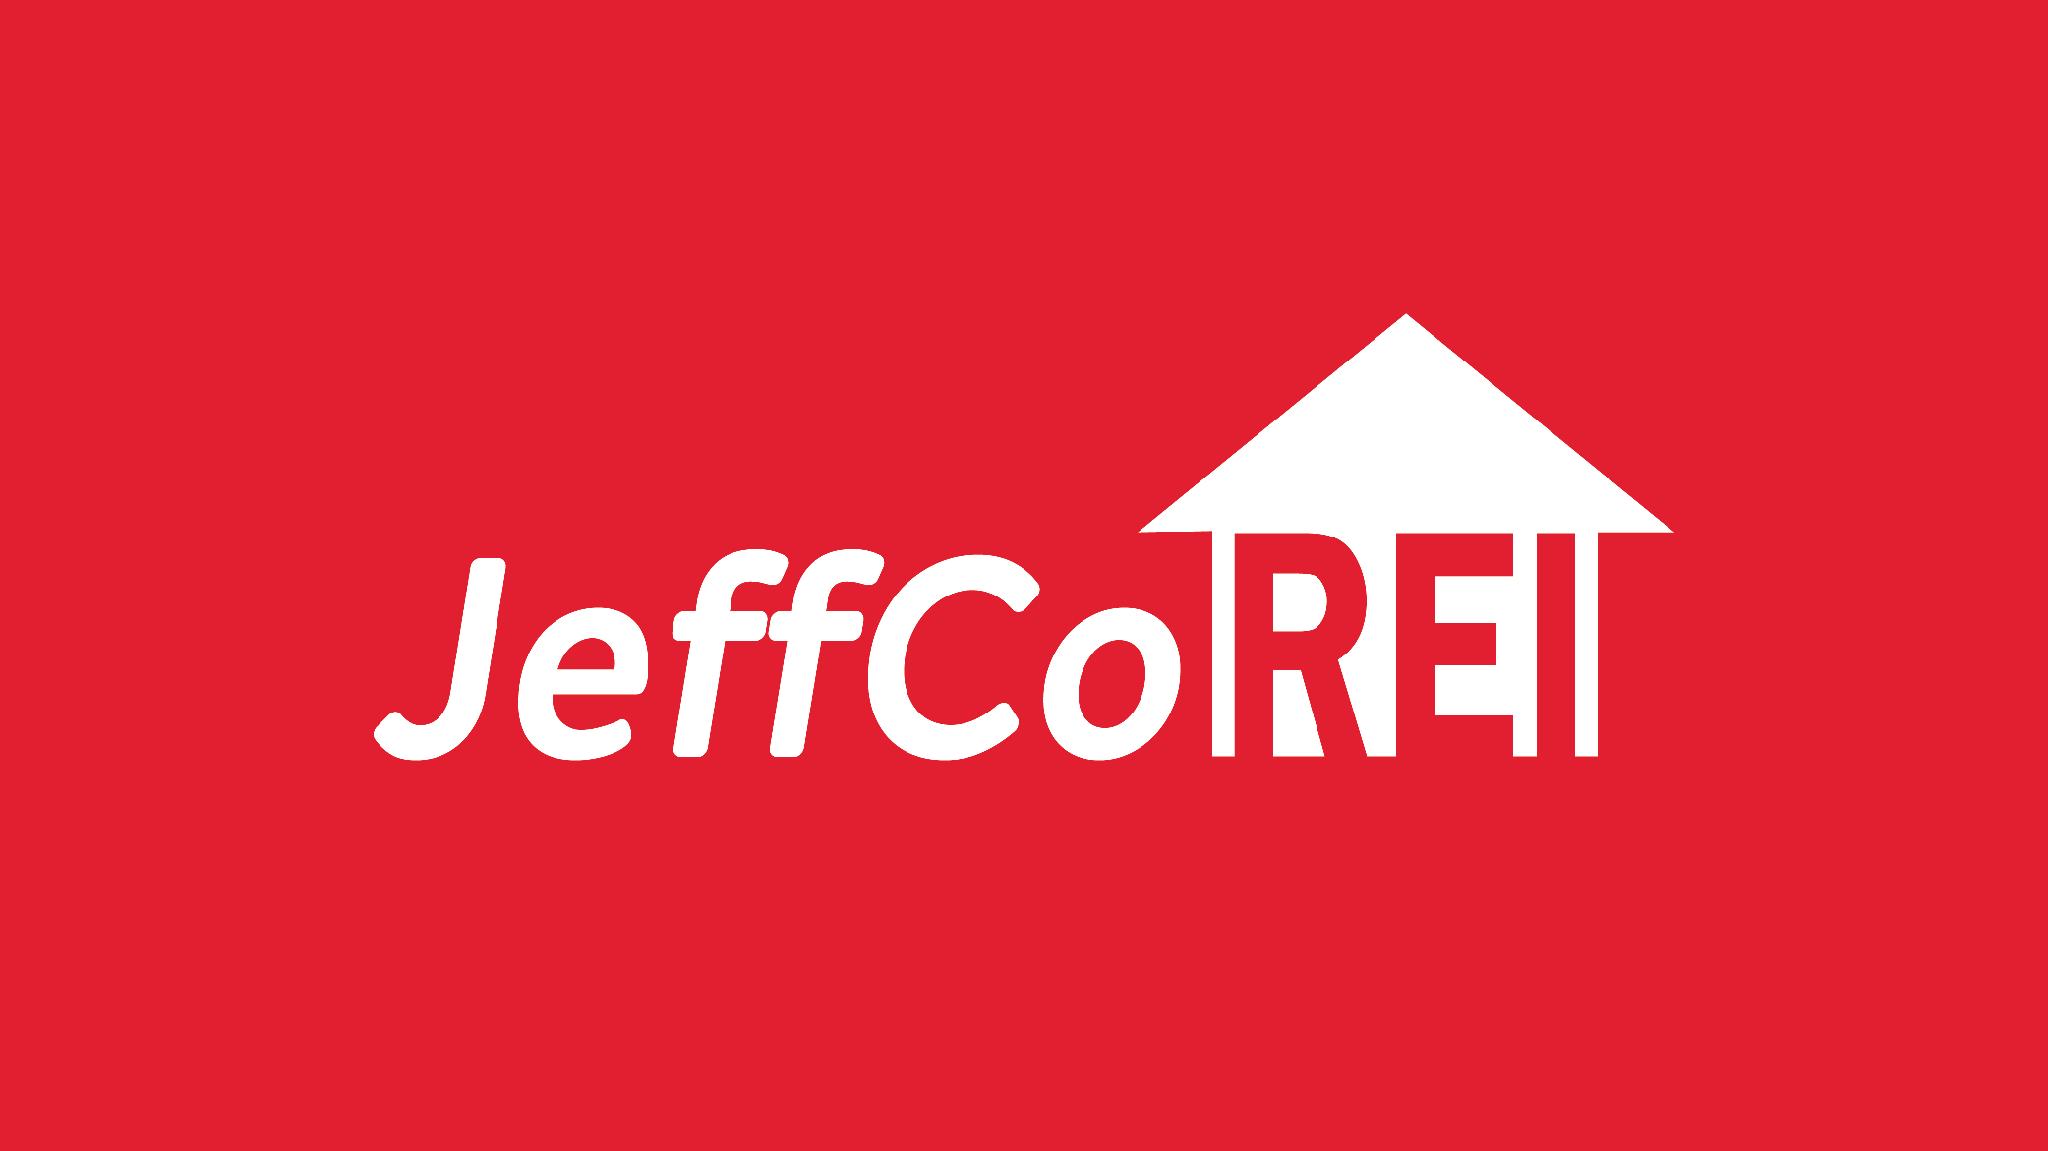 Jeffco REI Club